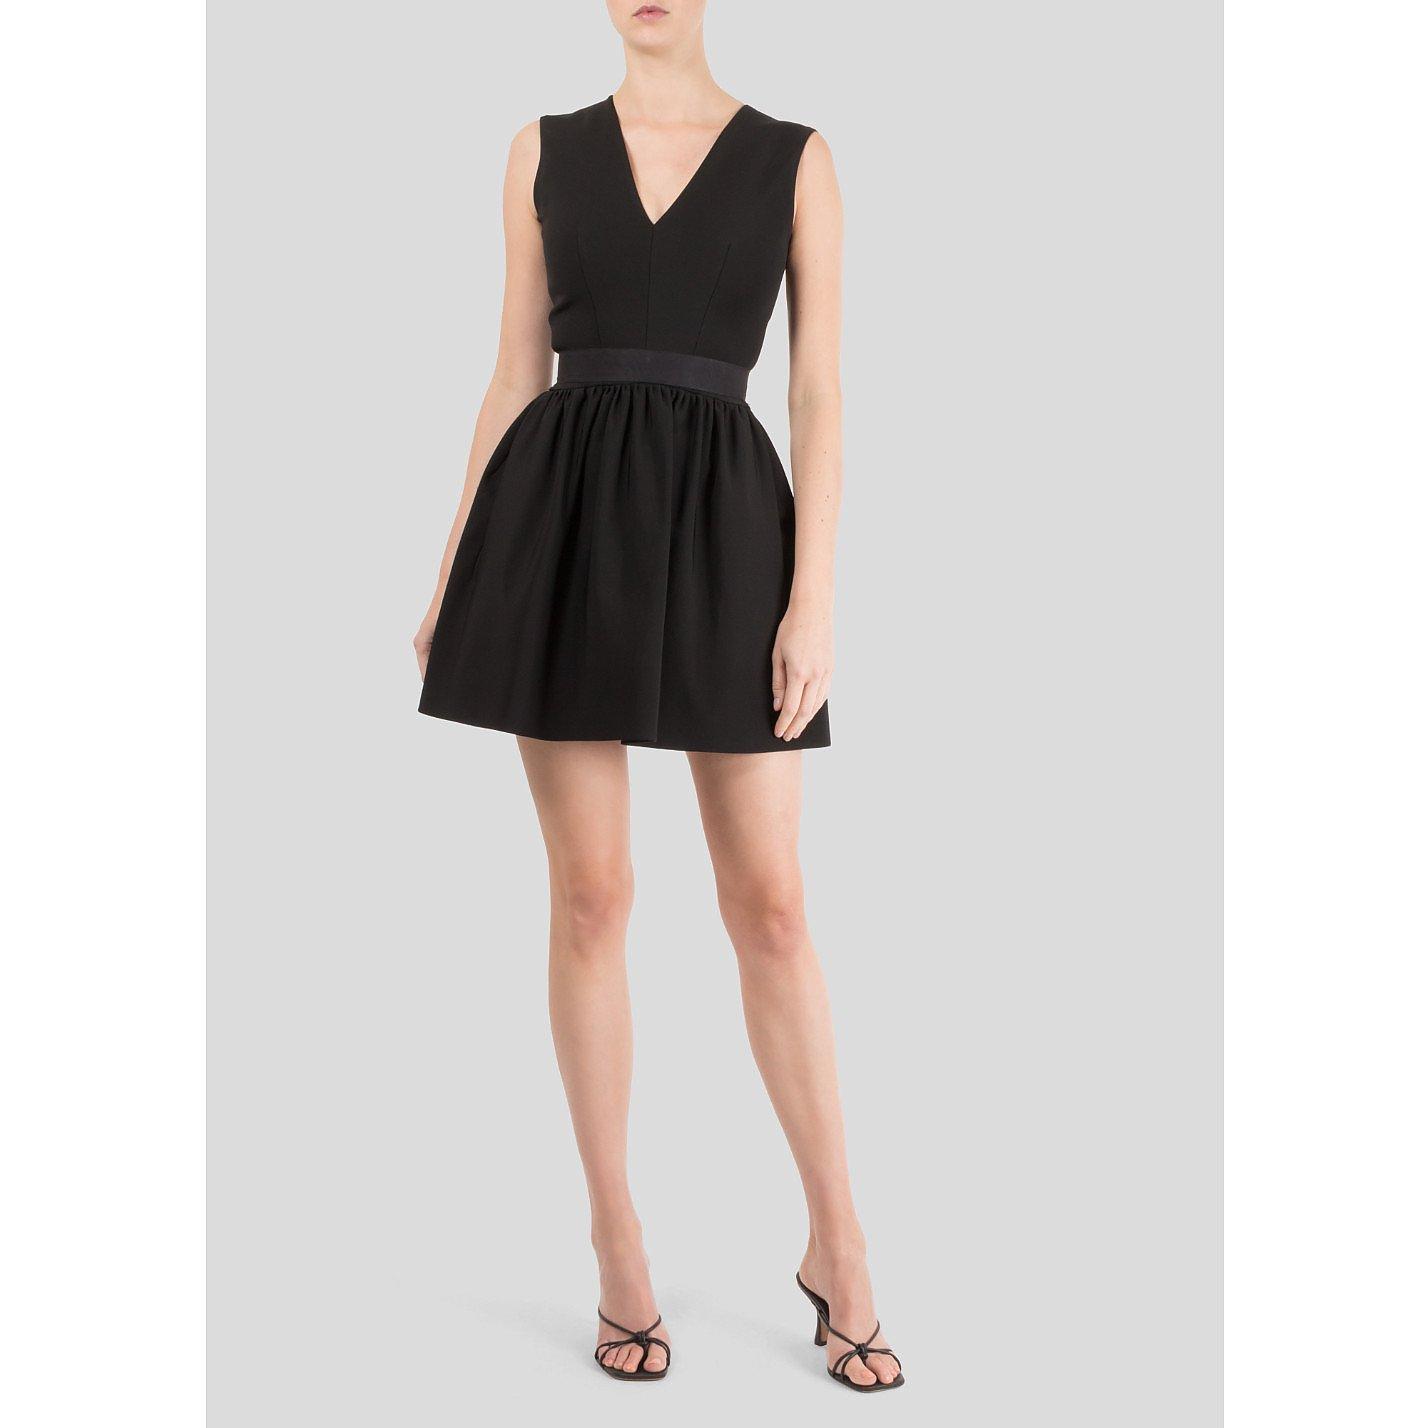 Victoria Beckham V-Neck Sleeveless Mini Dress with Full Skirt